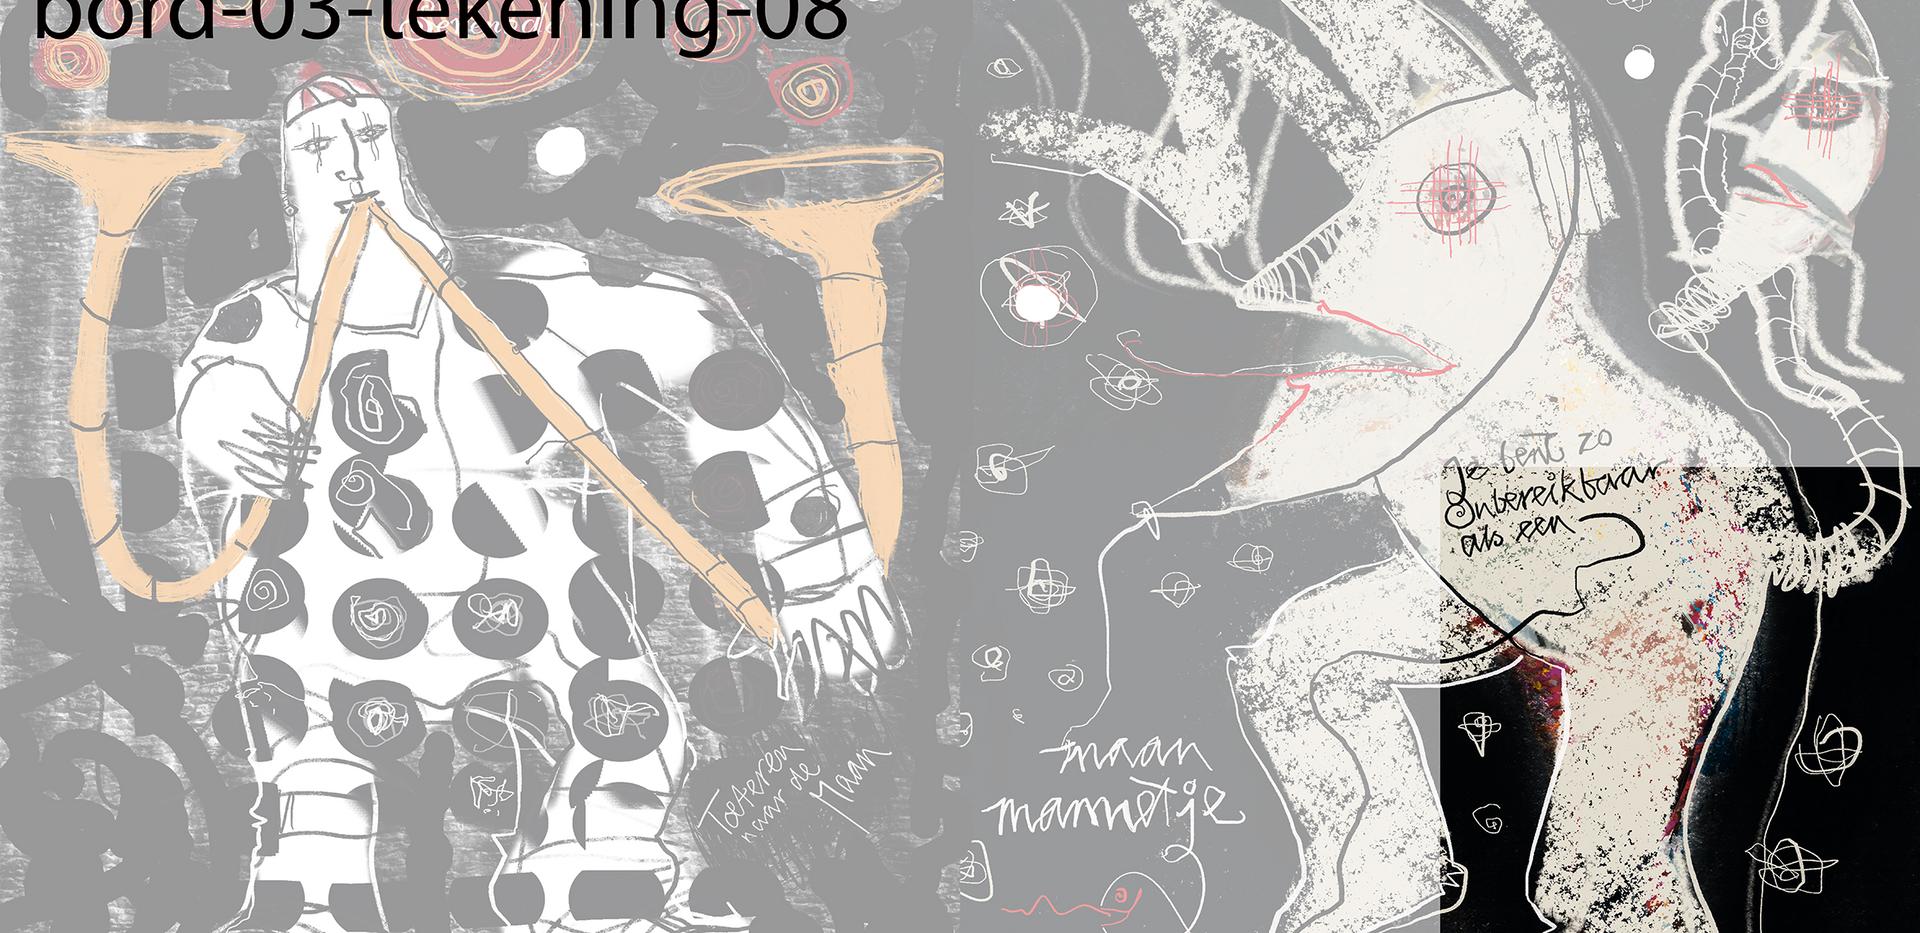 bord-03-tekening-08.png